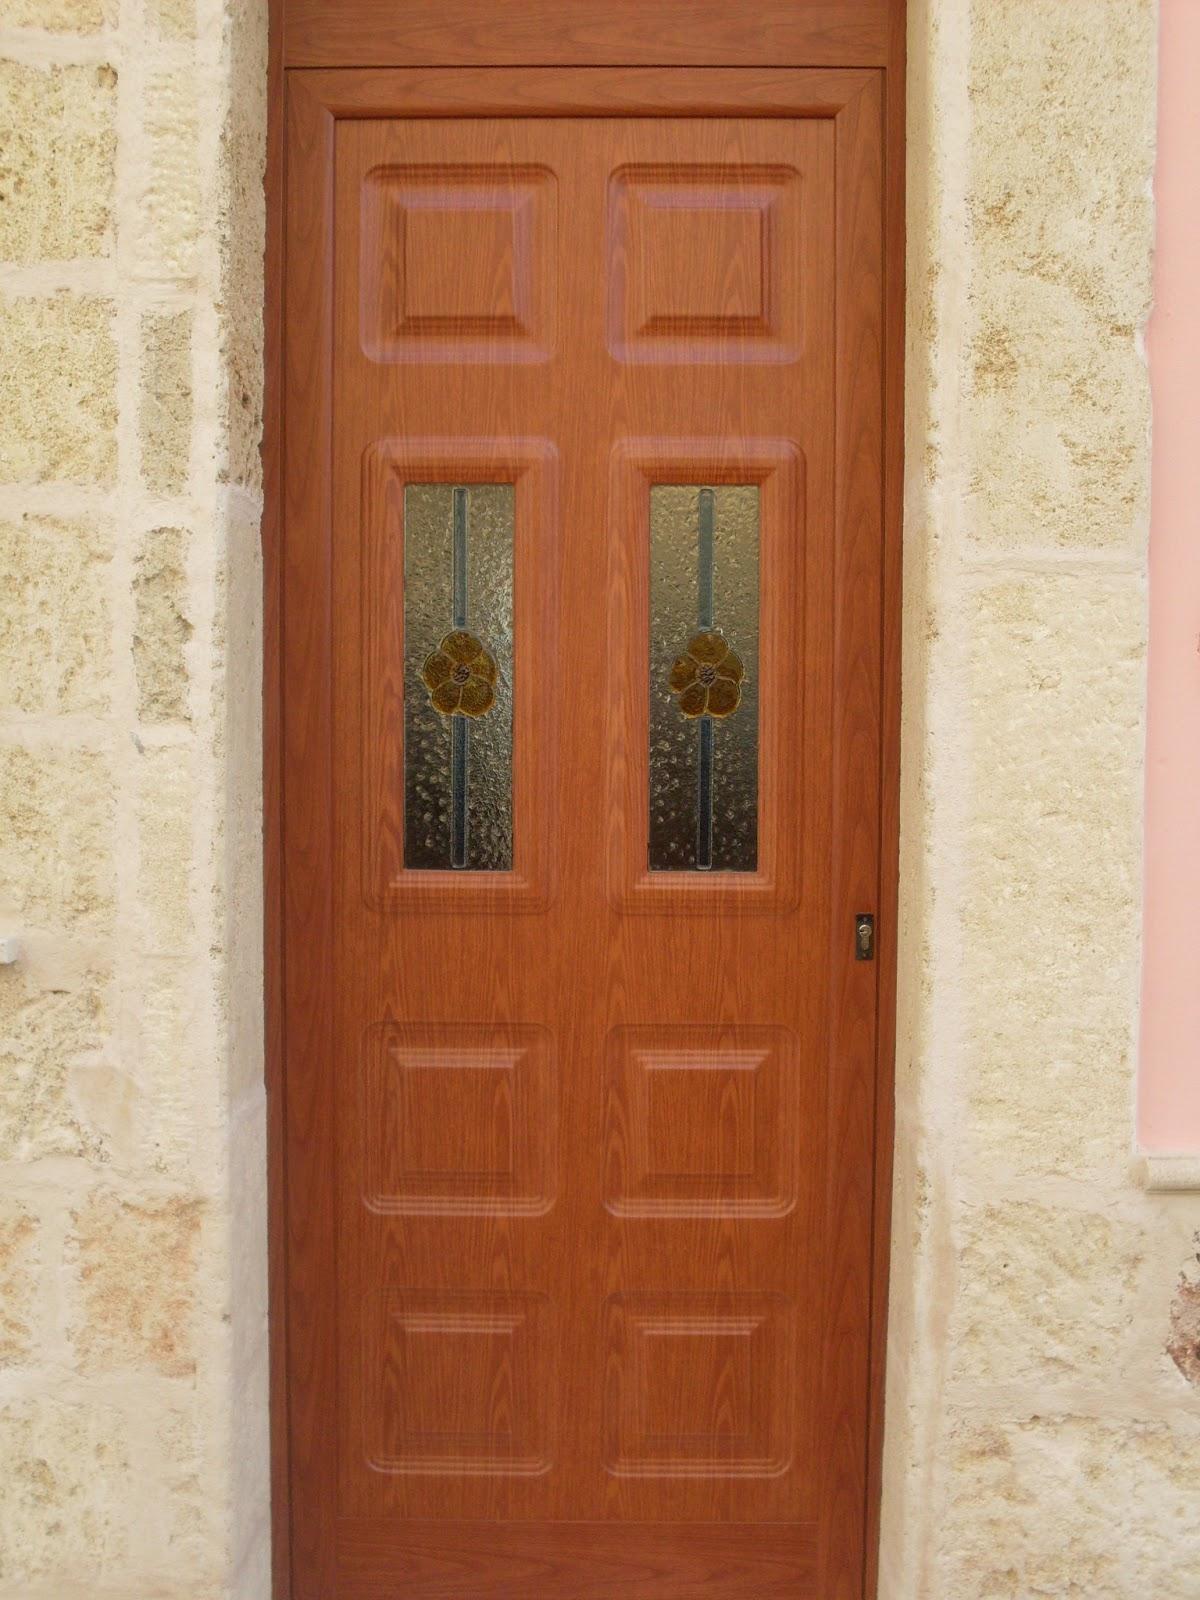 Gruppo infissi di longino d 39 aprile porte e finestre ferro legno alluminio ugento le - Porte e finestre lecce ...